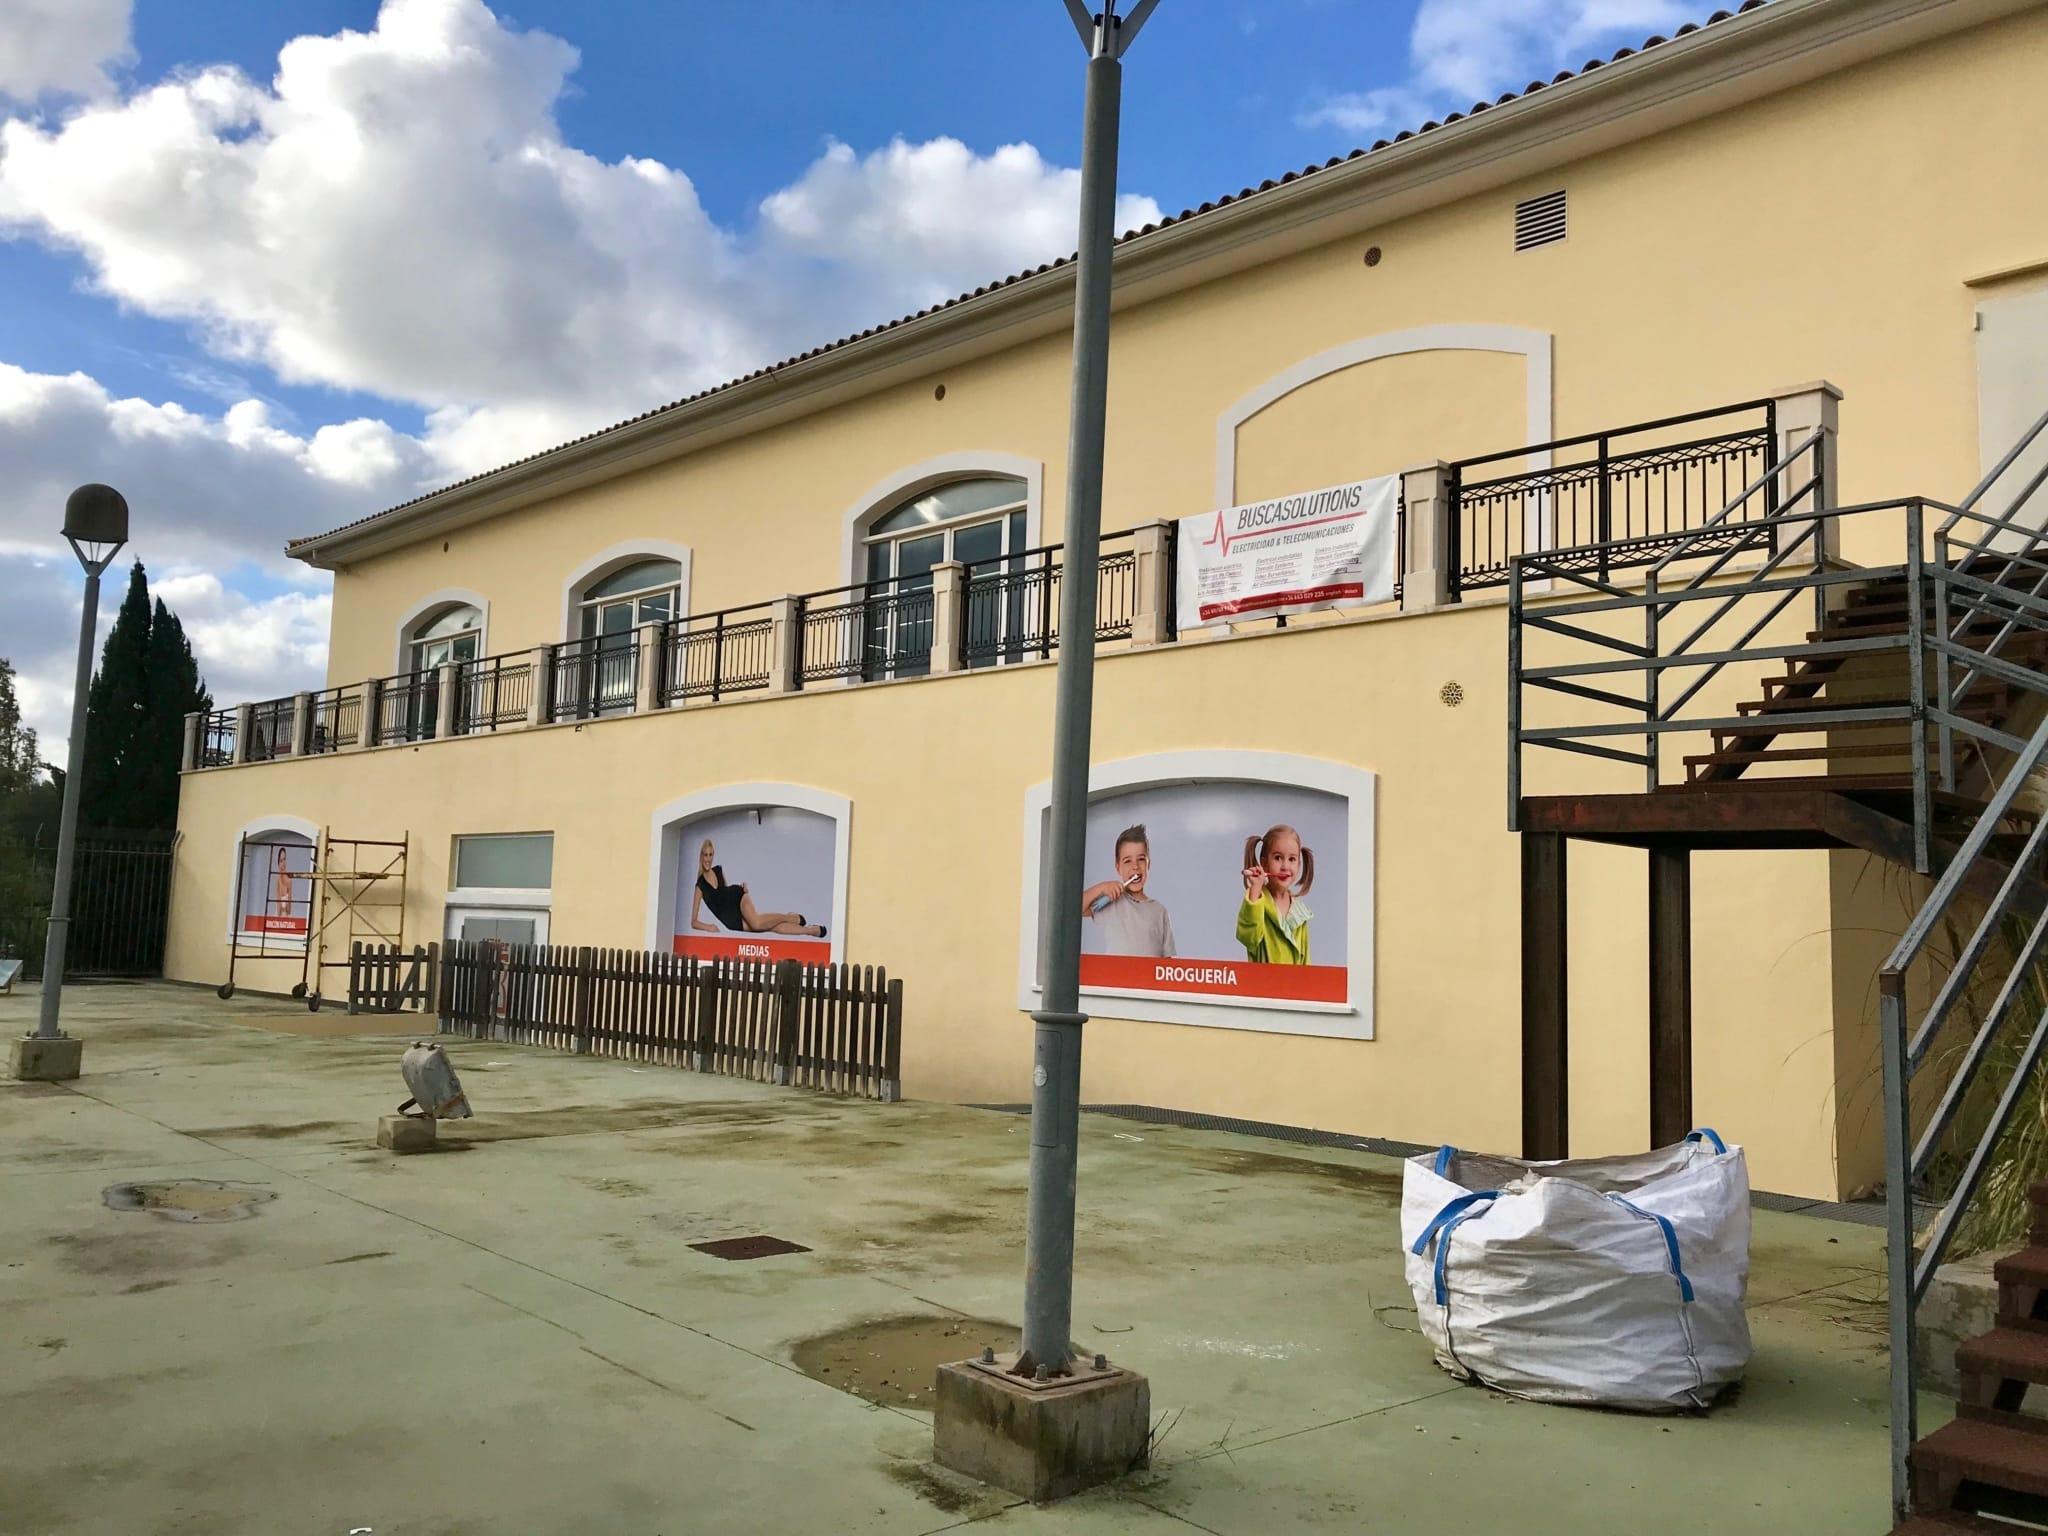 Neuer Müller Markt auf Mallorca eröffnet am 15. November 2018 die Pforten in Santa Ponsa